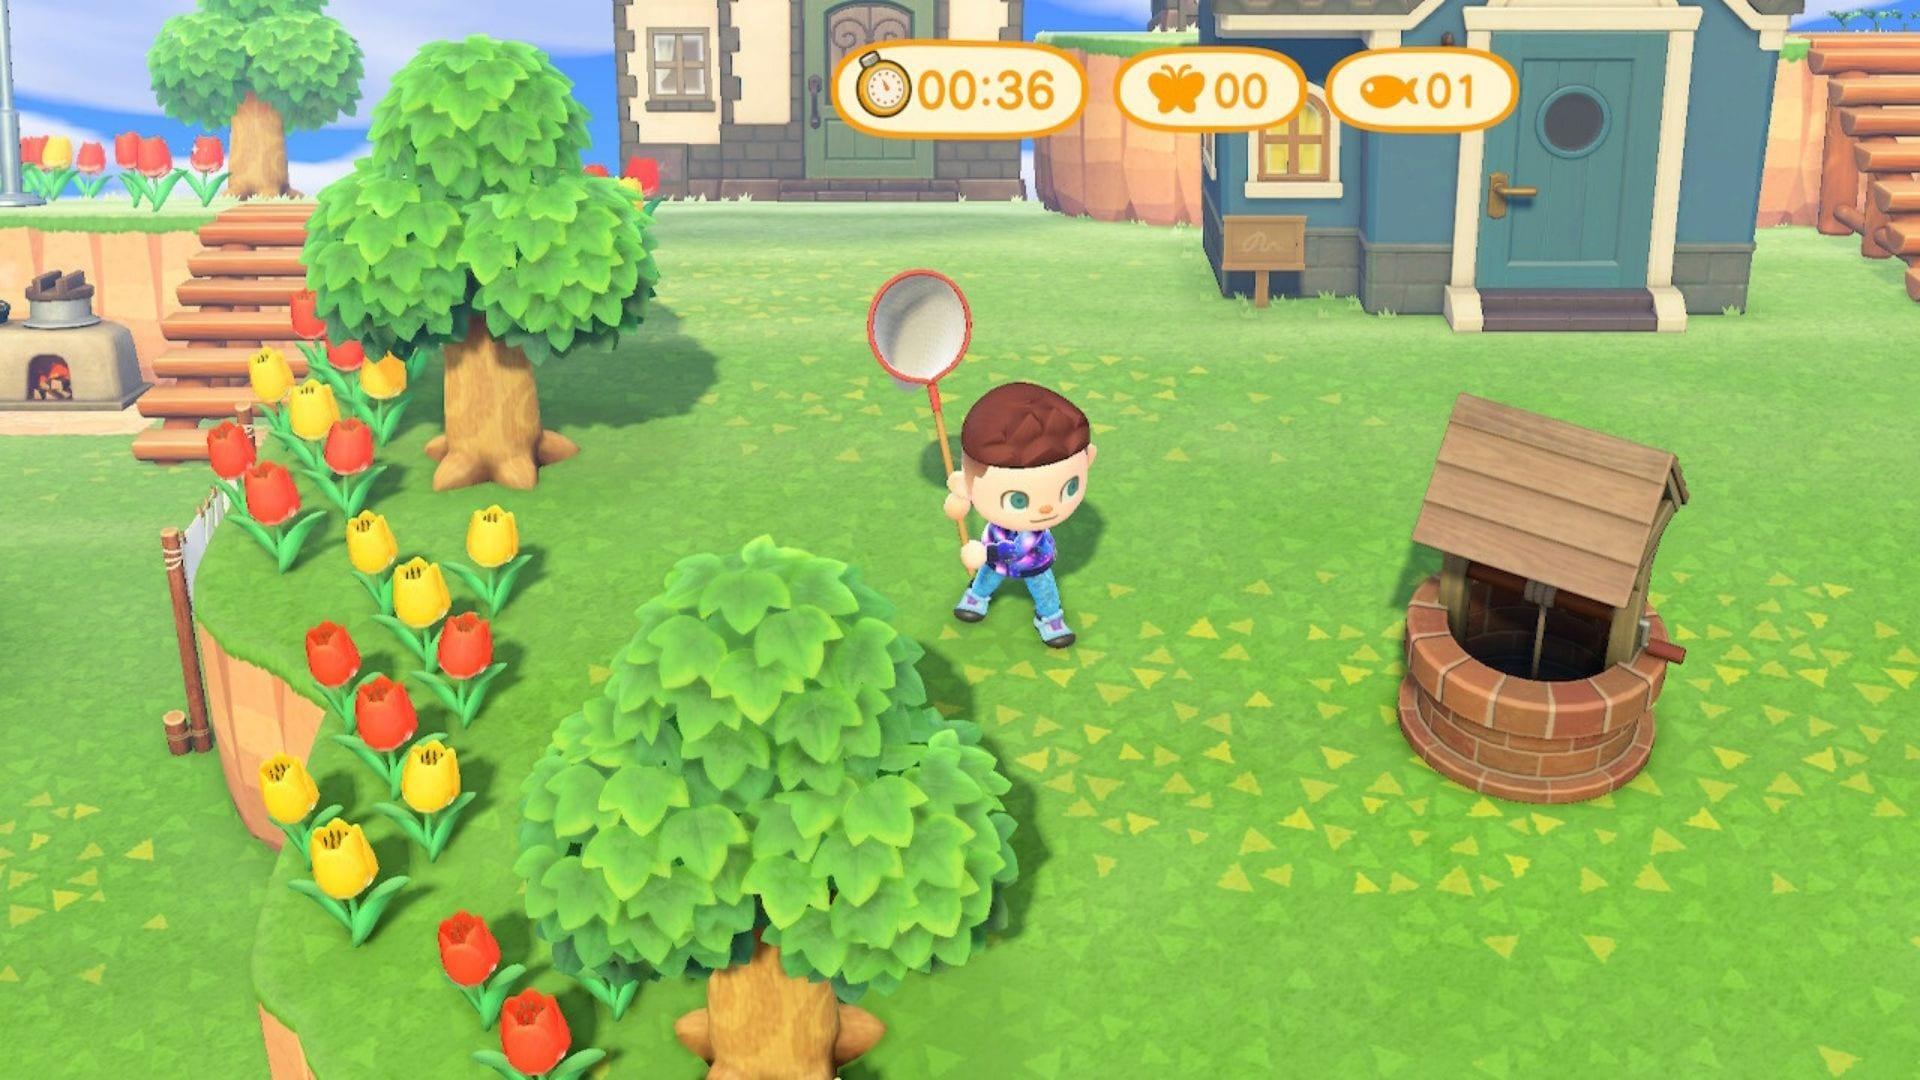 Torneo de captura de insectos New Horizons Animal Crossing